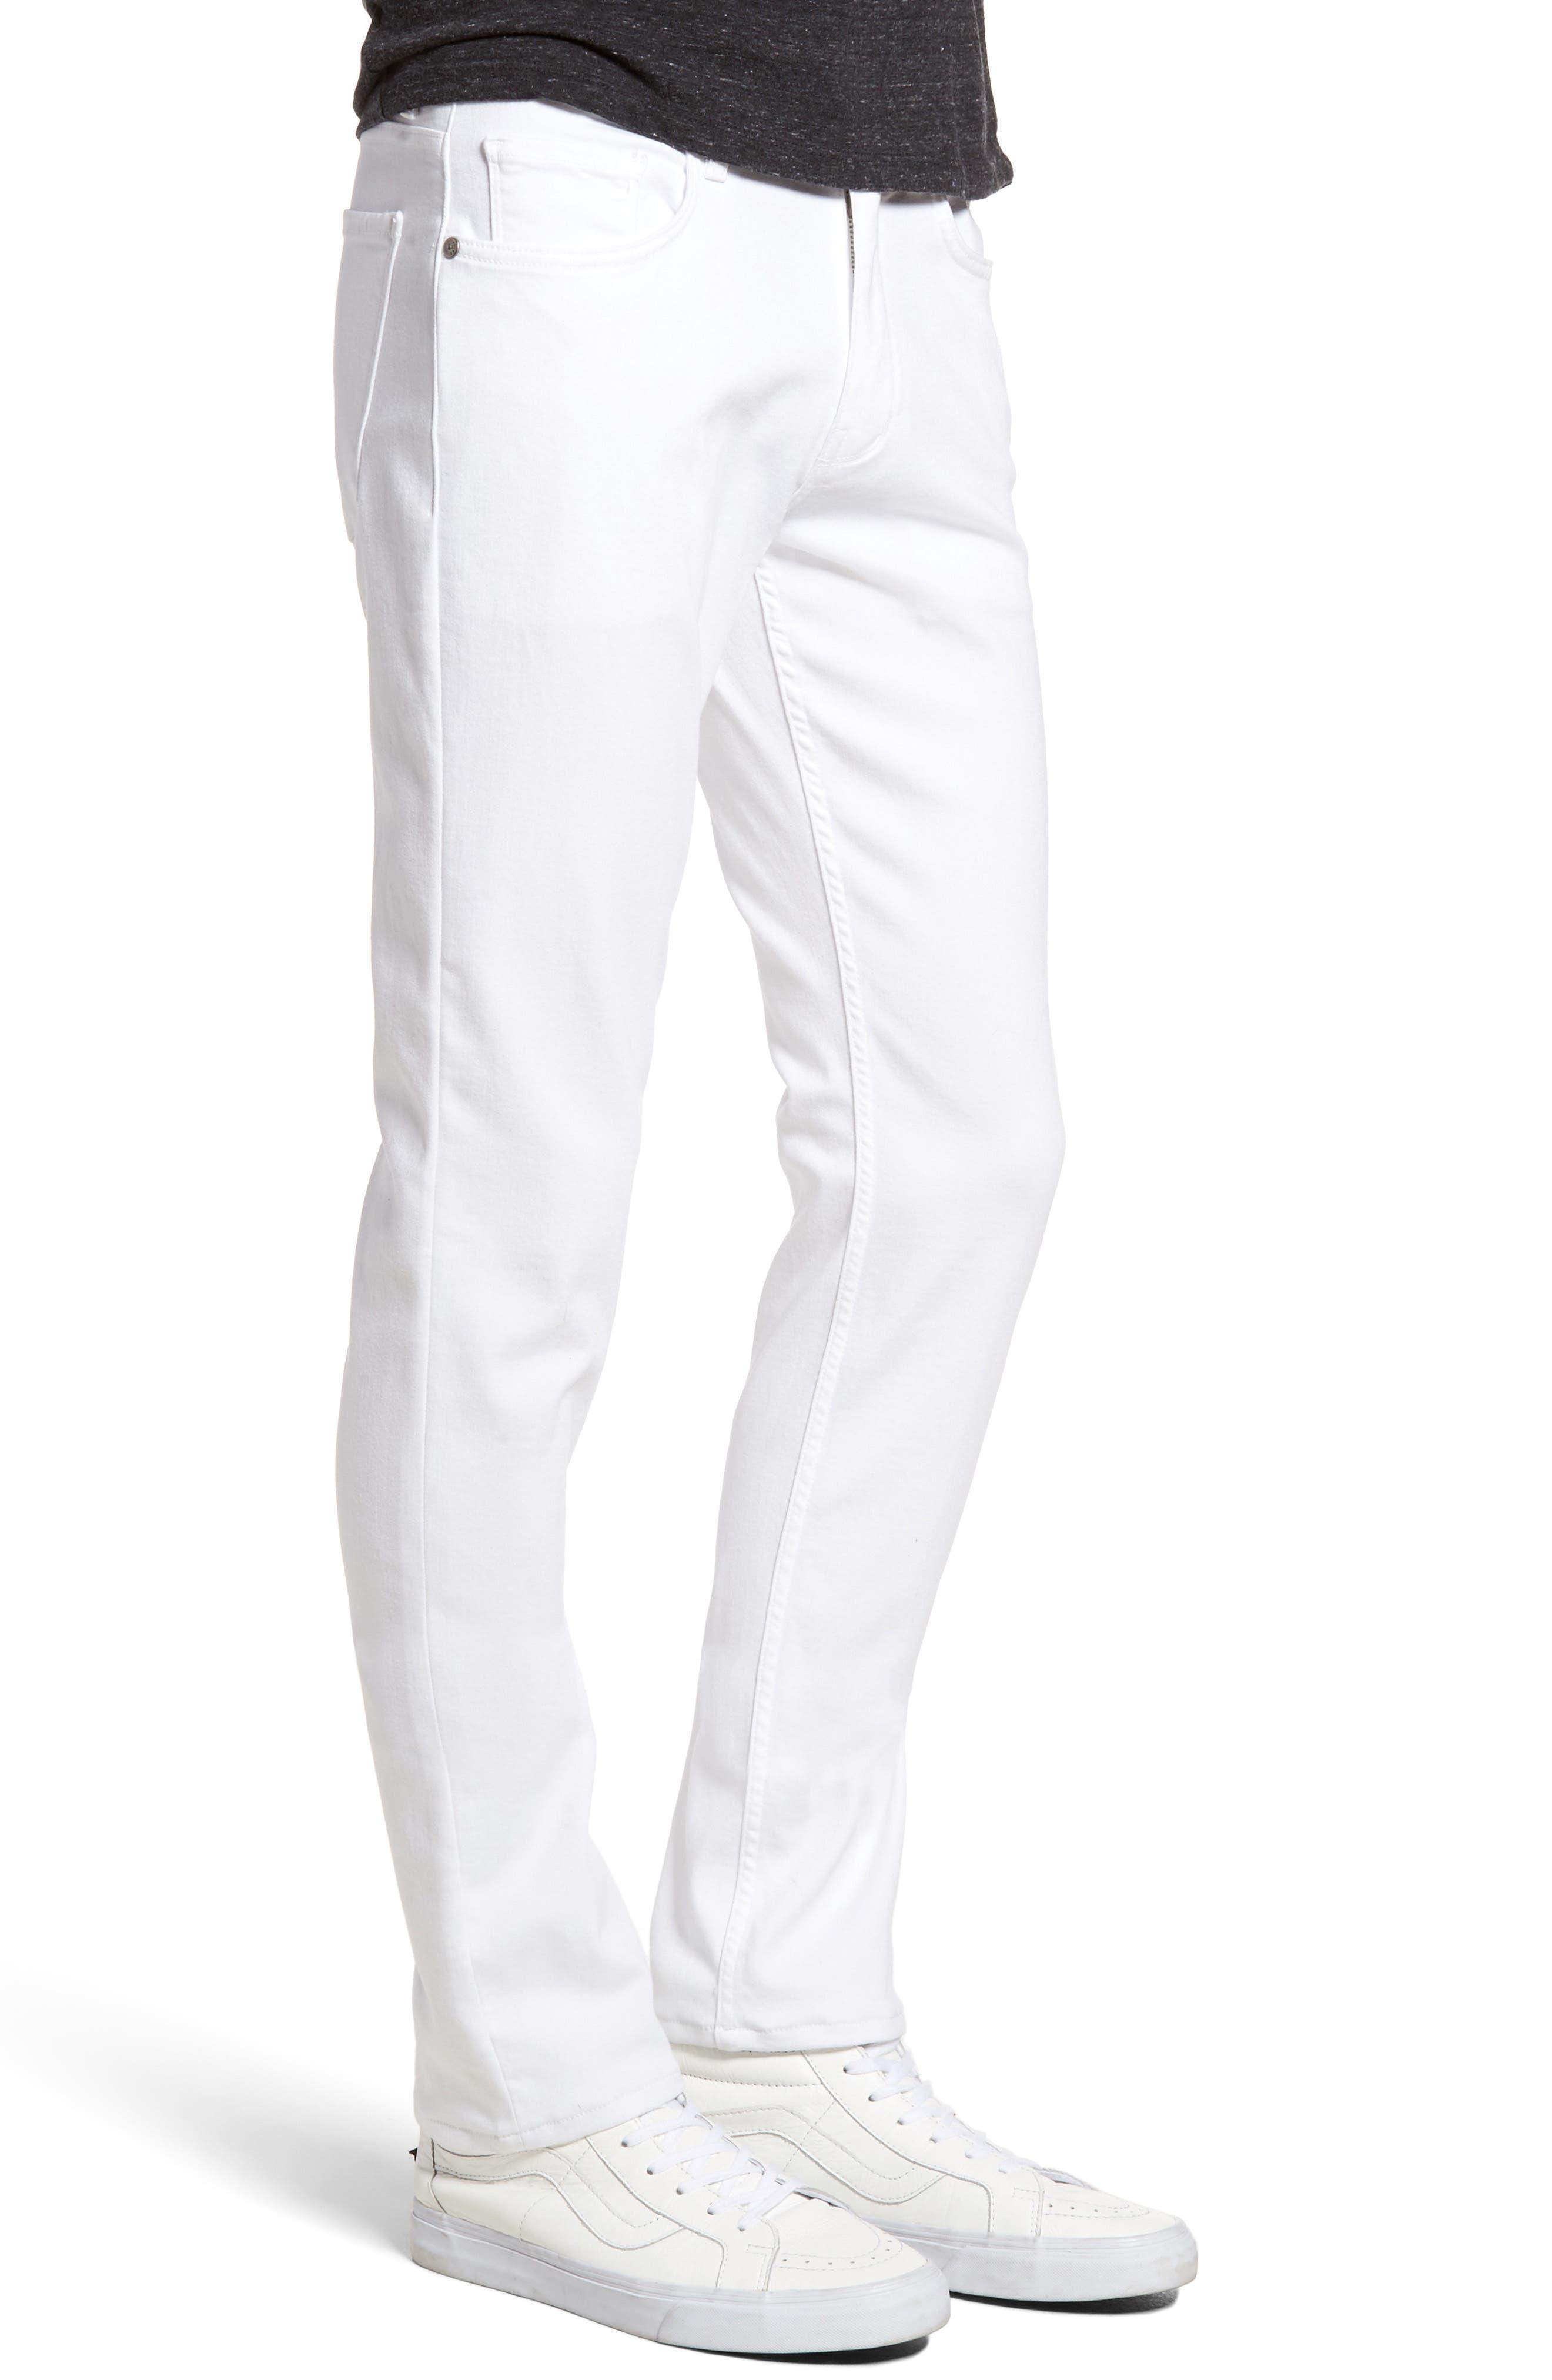 PAIGE, Transcend - Lennox Slim Fit Jeans, Alternate thumbnail 4, color, ICECAP